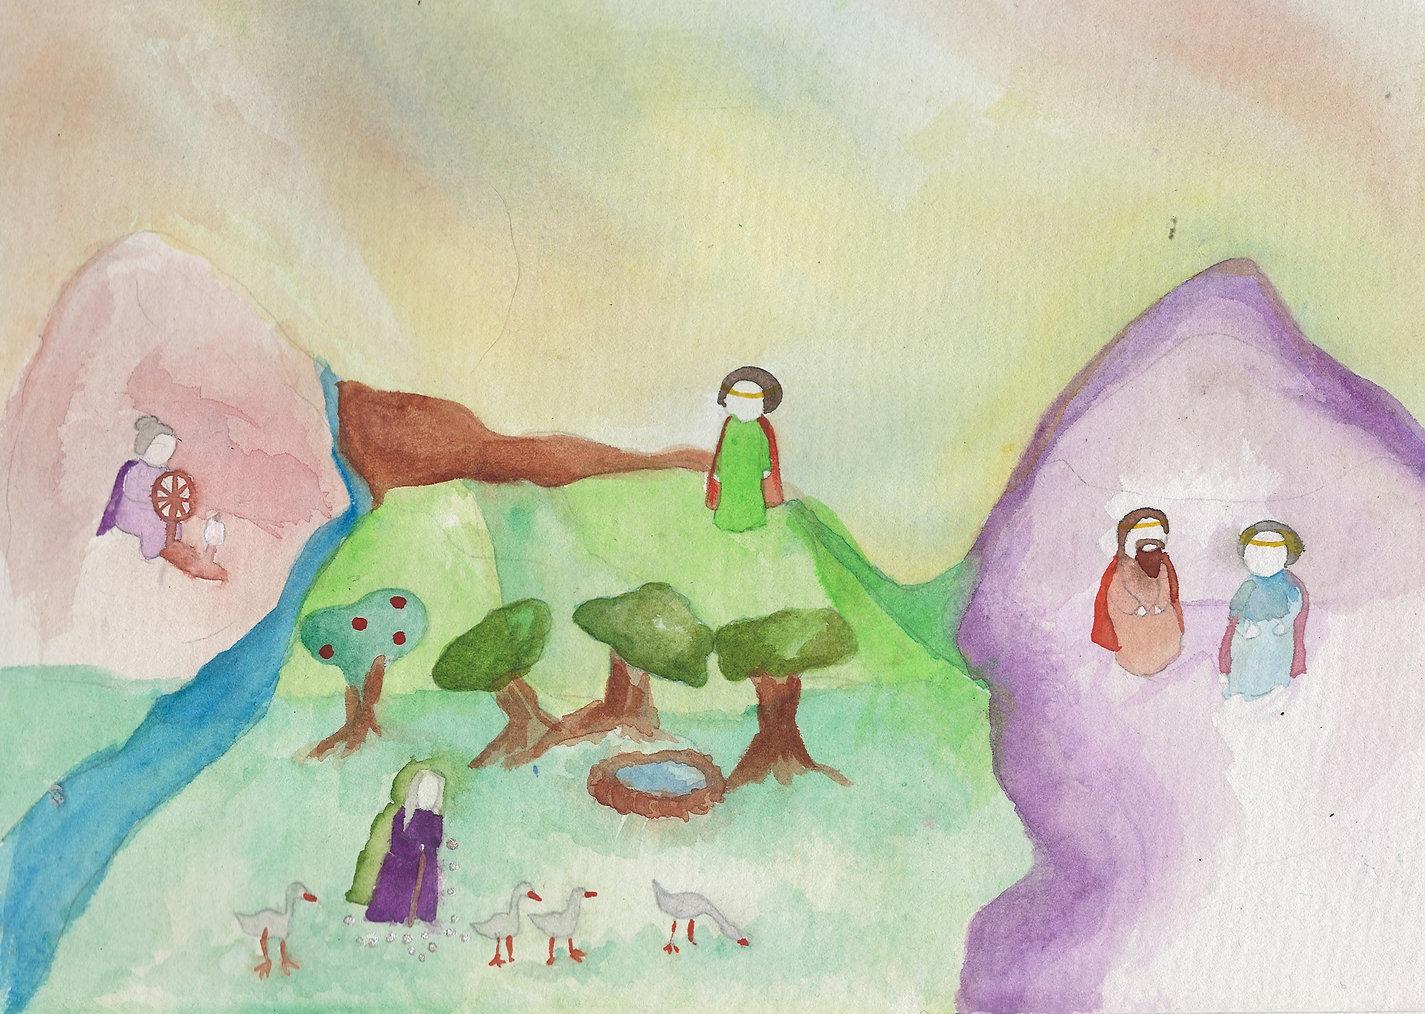 רועת האווזים אצל הבאר_תמונה למודעה (2).j